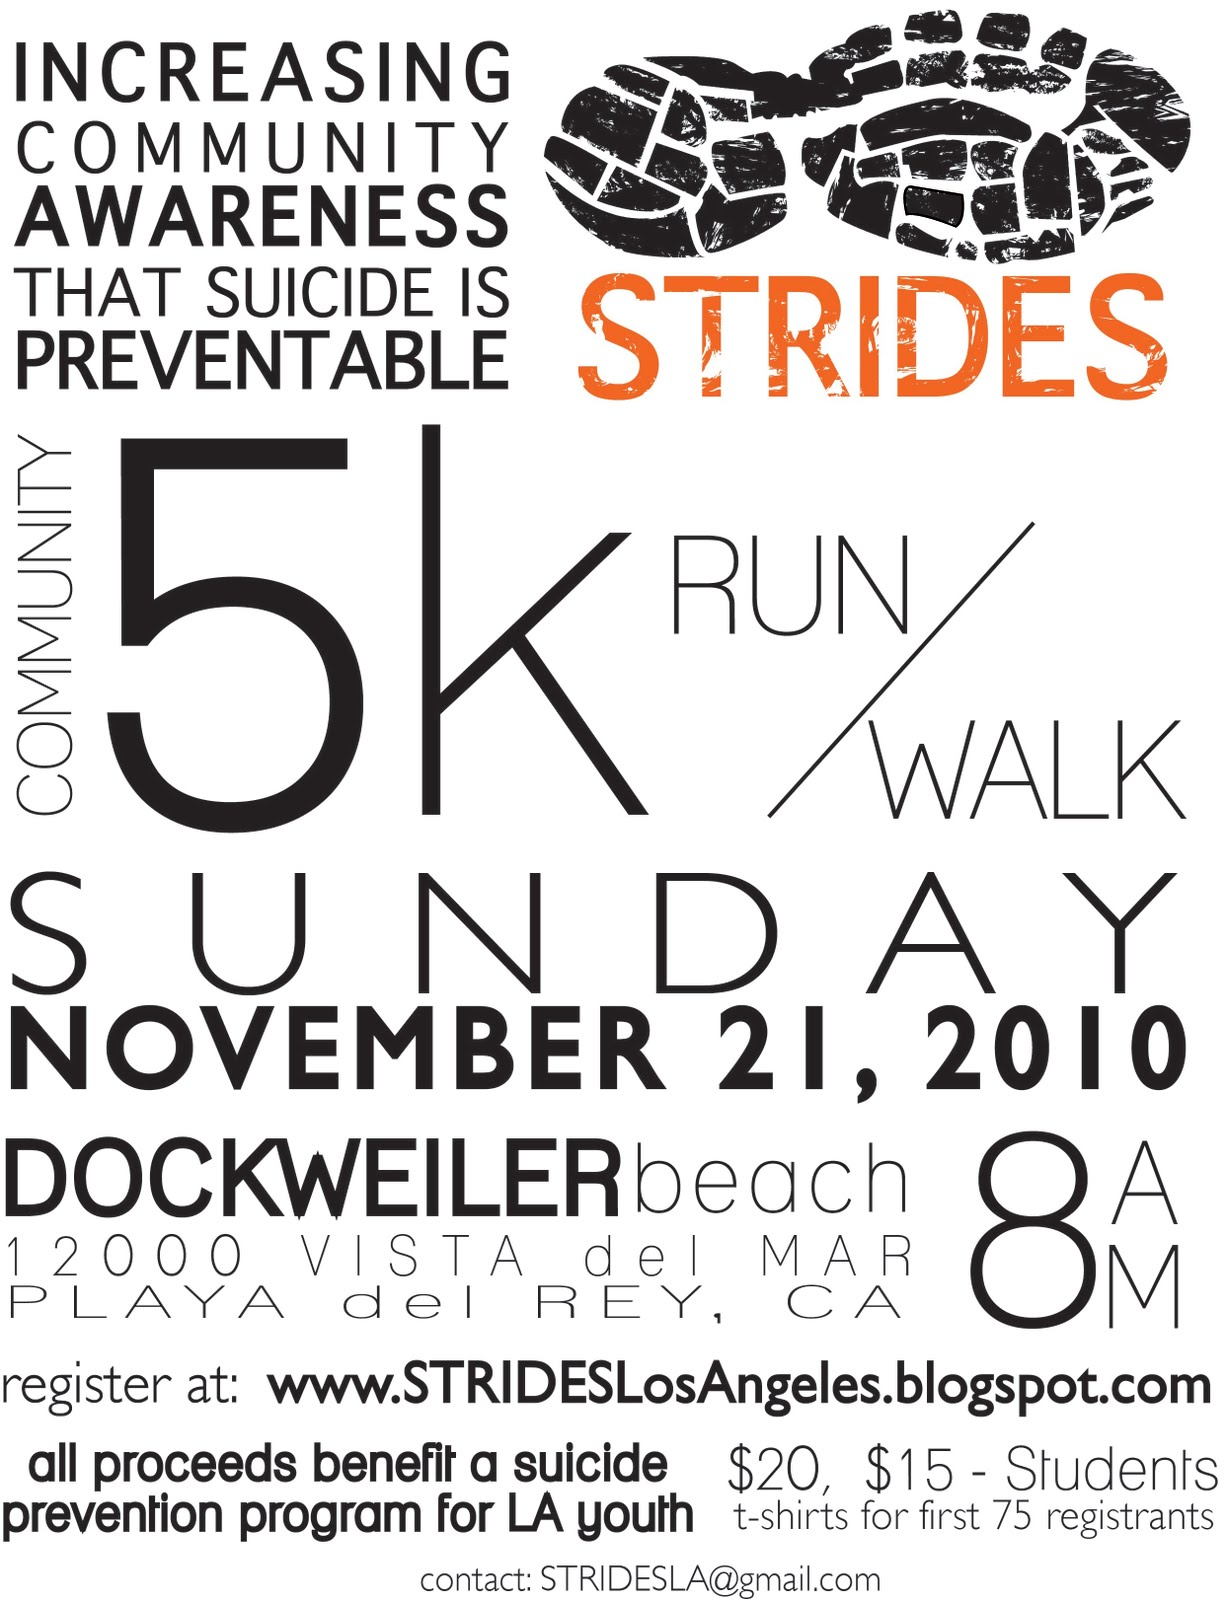 STRIDES: STRIDES 5k Run/Walk